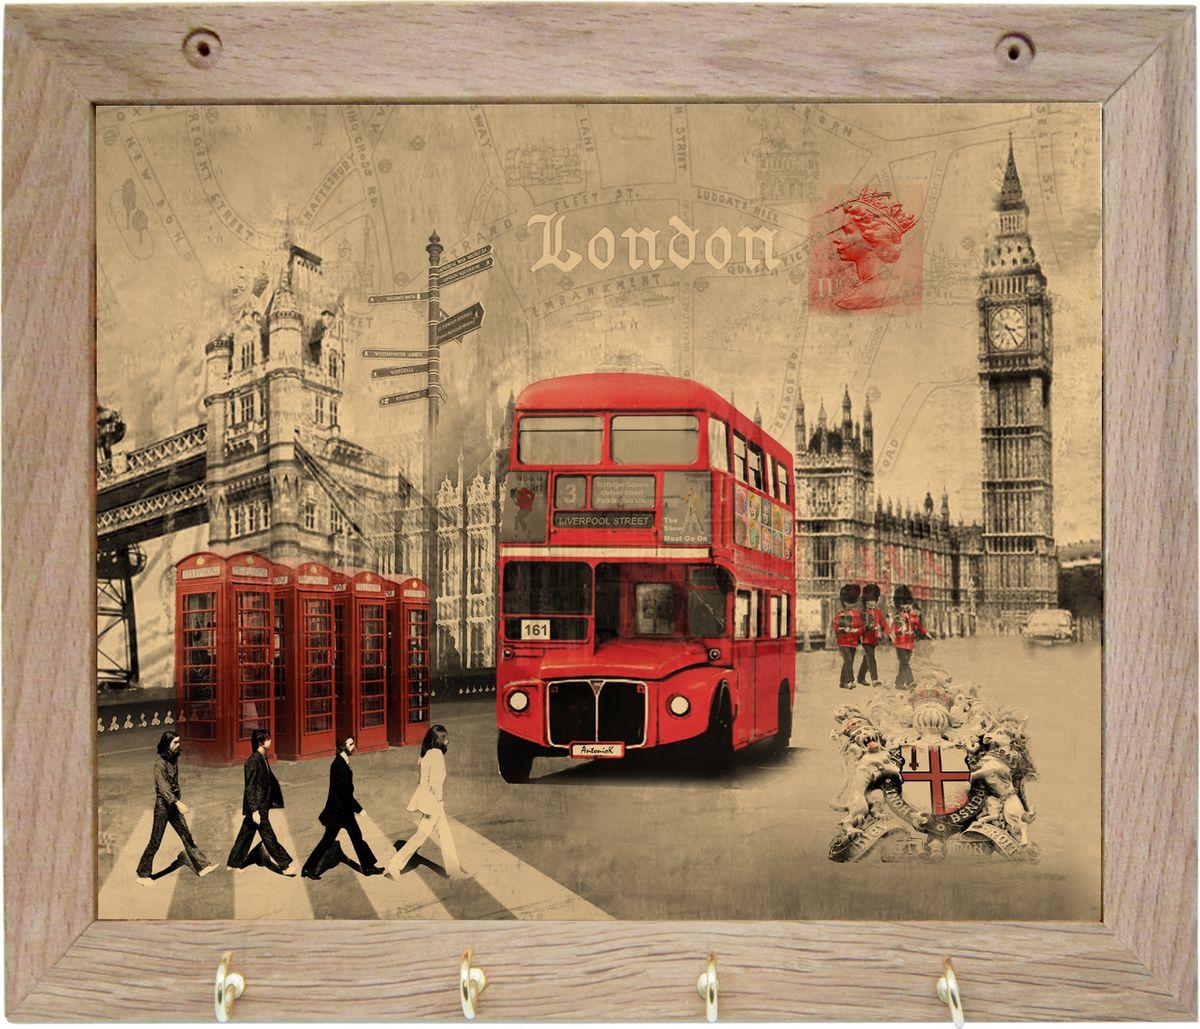 Вешалка GiftnHome Лондон, с 4 крючками, 20 х 25 смTH-LondonArt-Casual - что значит буквально: повседневное искусство - это Новый тренд, новый стиль предложения обычных домашних аксессуаров в качестве элементов, задающих стиль и шарм окружающего пространства.Уникальное сочетание привычной функциональности и декоративной, интерьерной функции - это актуальная, современная тенденция от прогрессивных производителей товаров для дома. Вешалка для полотенец - это всем знакомый, понятный и нужный предмет в каждом доме.Проект GiftnHome предлагает серию изделий из натурального дерева (Eco-Life), в комбинации с модными цветными принтами на корпусе от Креативной студии AntonioK.Это изделия больше, чем просто крючки для полотенец, они несут интерьерное решение, зададут настроение и стиль на вашей кухне, столовой или дачной веранде. В серии Эко-Лайф, от GiftnHome - можно, так же приобрести ключницы, подносы и столики в постель из благородных пород дерева (бук, дуб), с актуальными дизайнами на поверхности древесины.